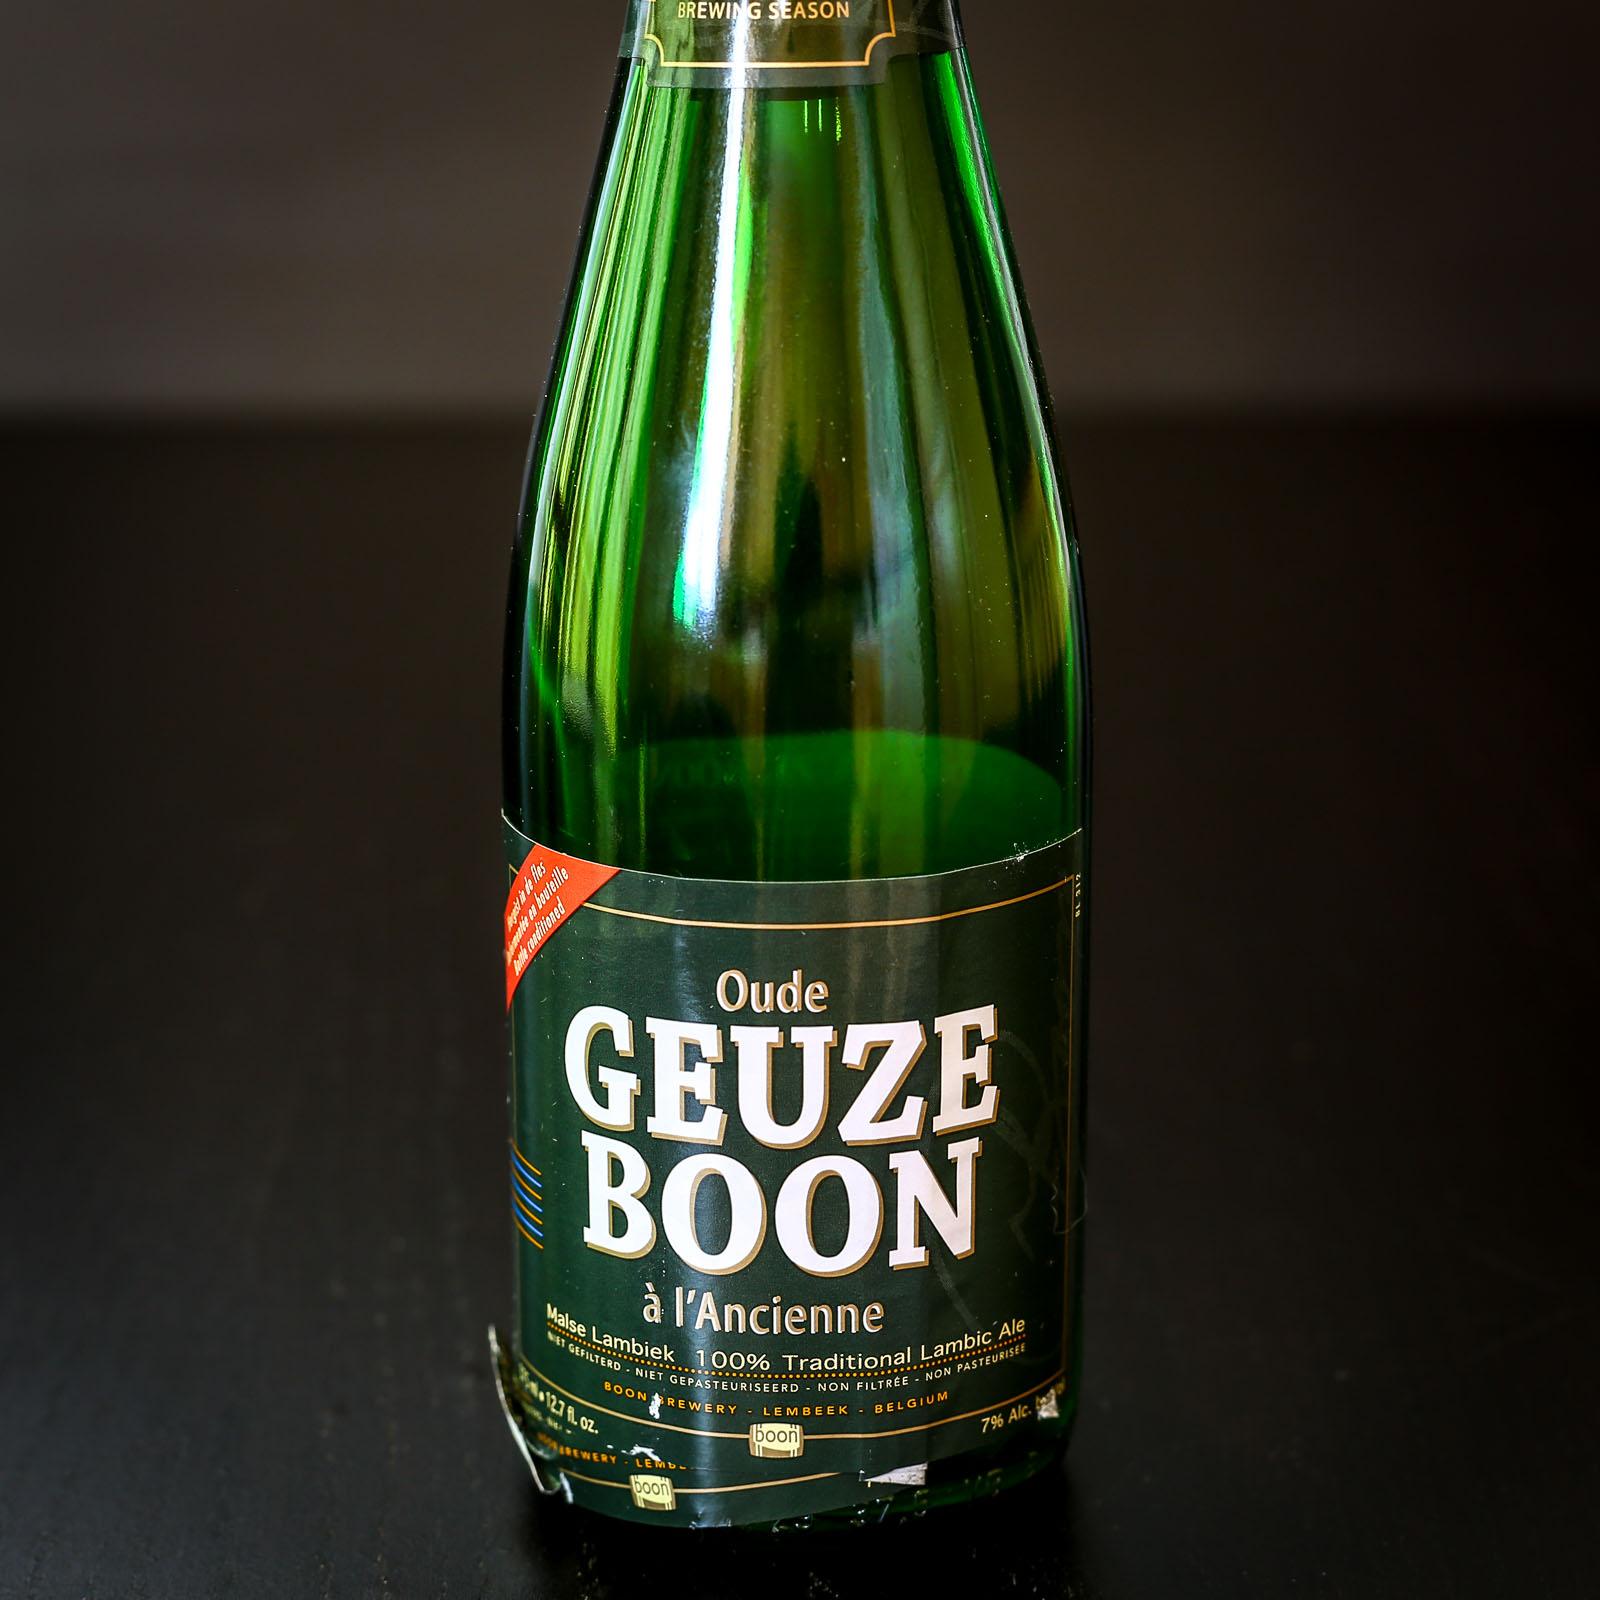 Brouwerij Boon - Oude Geuze